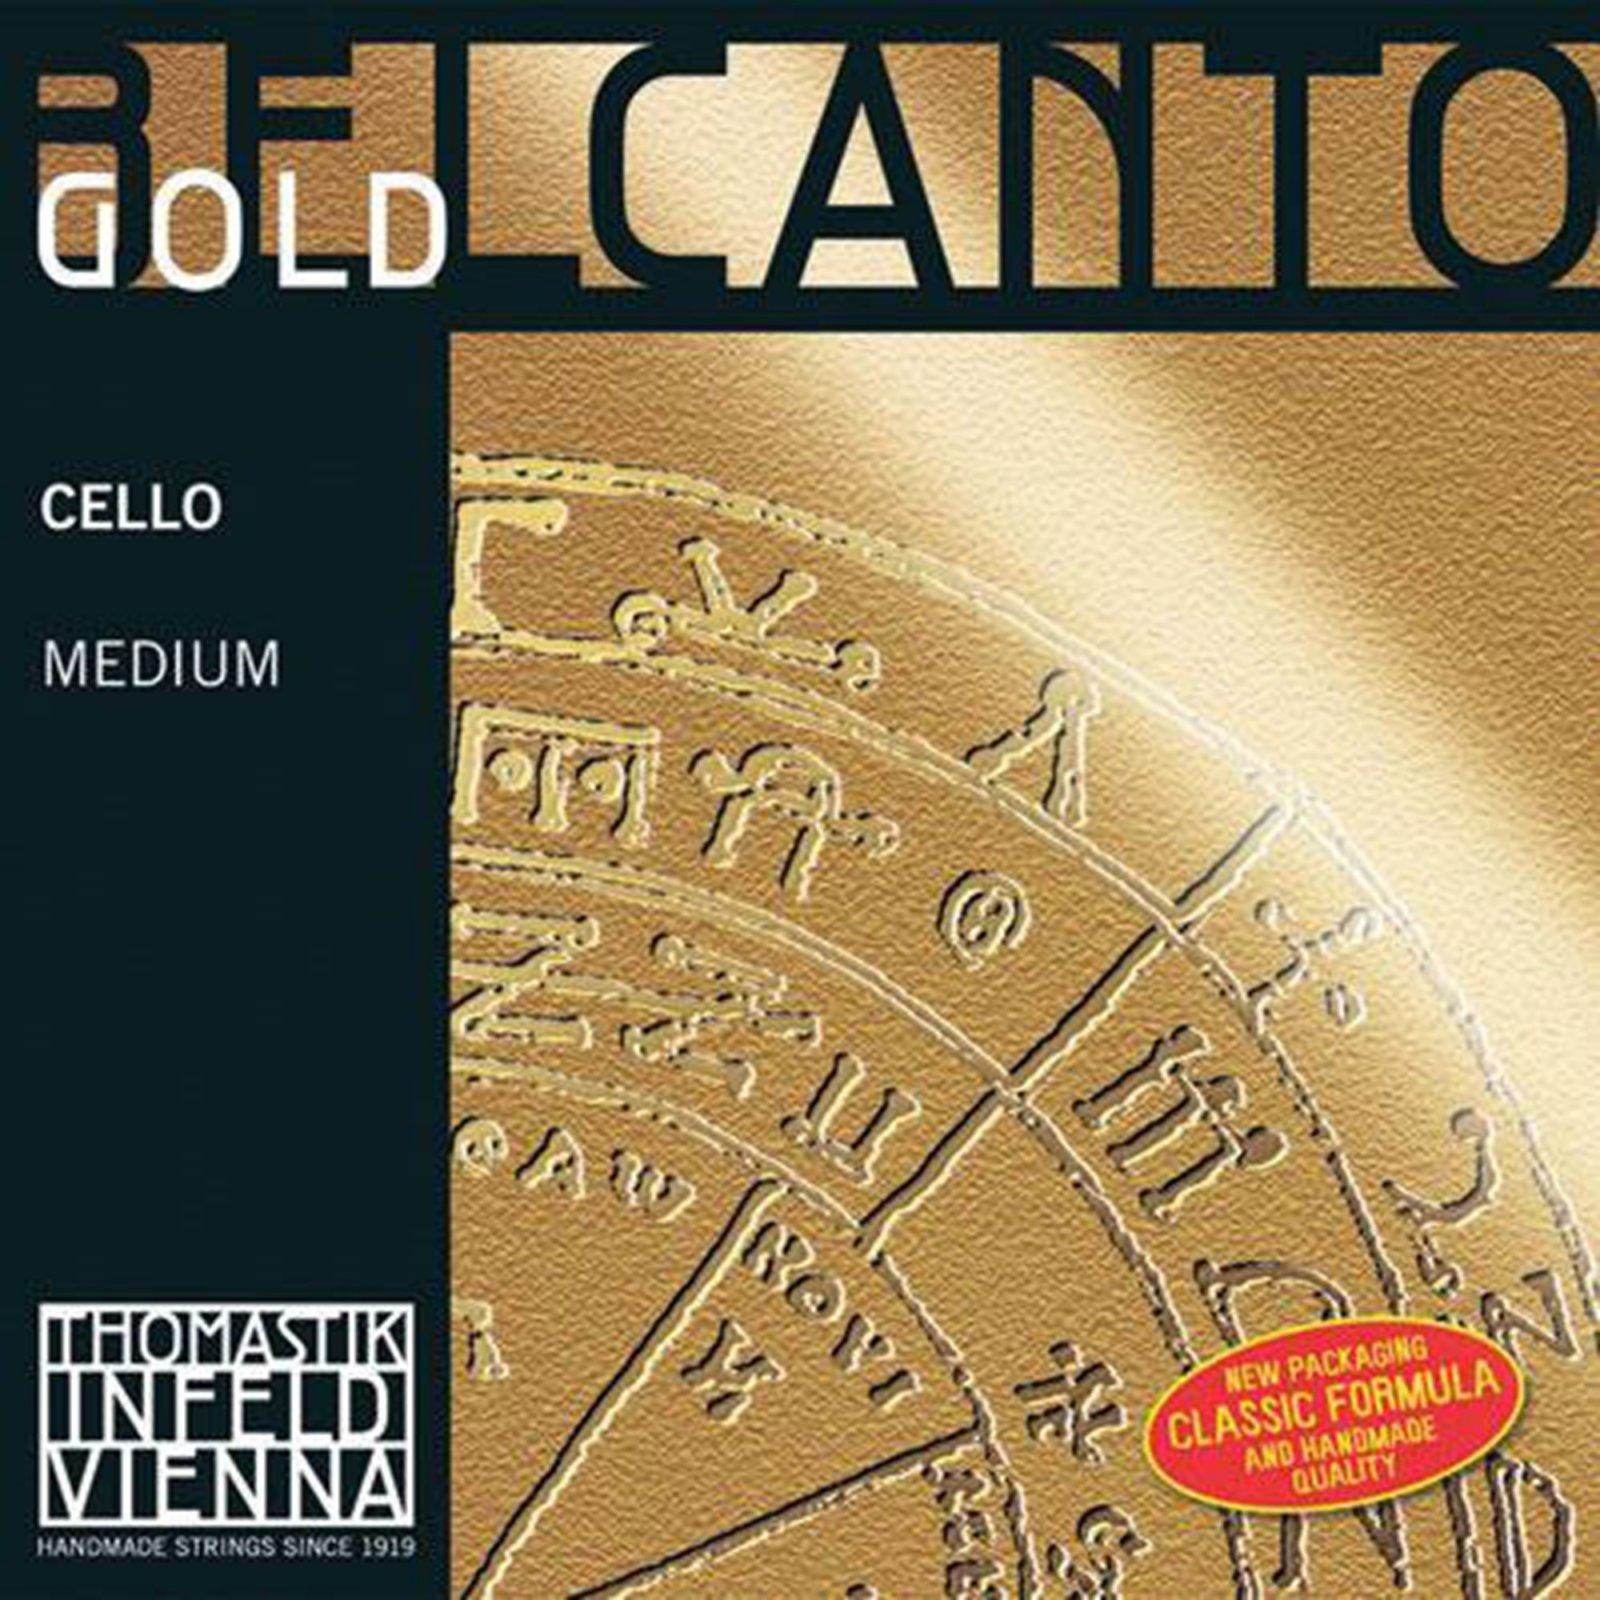 Belcanto Gold